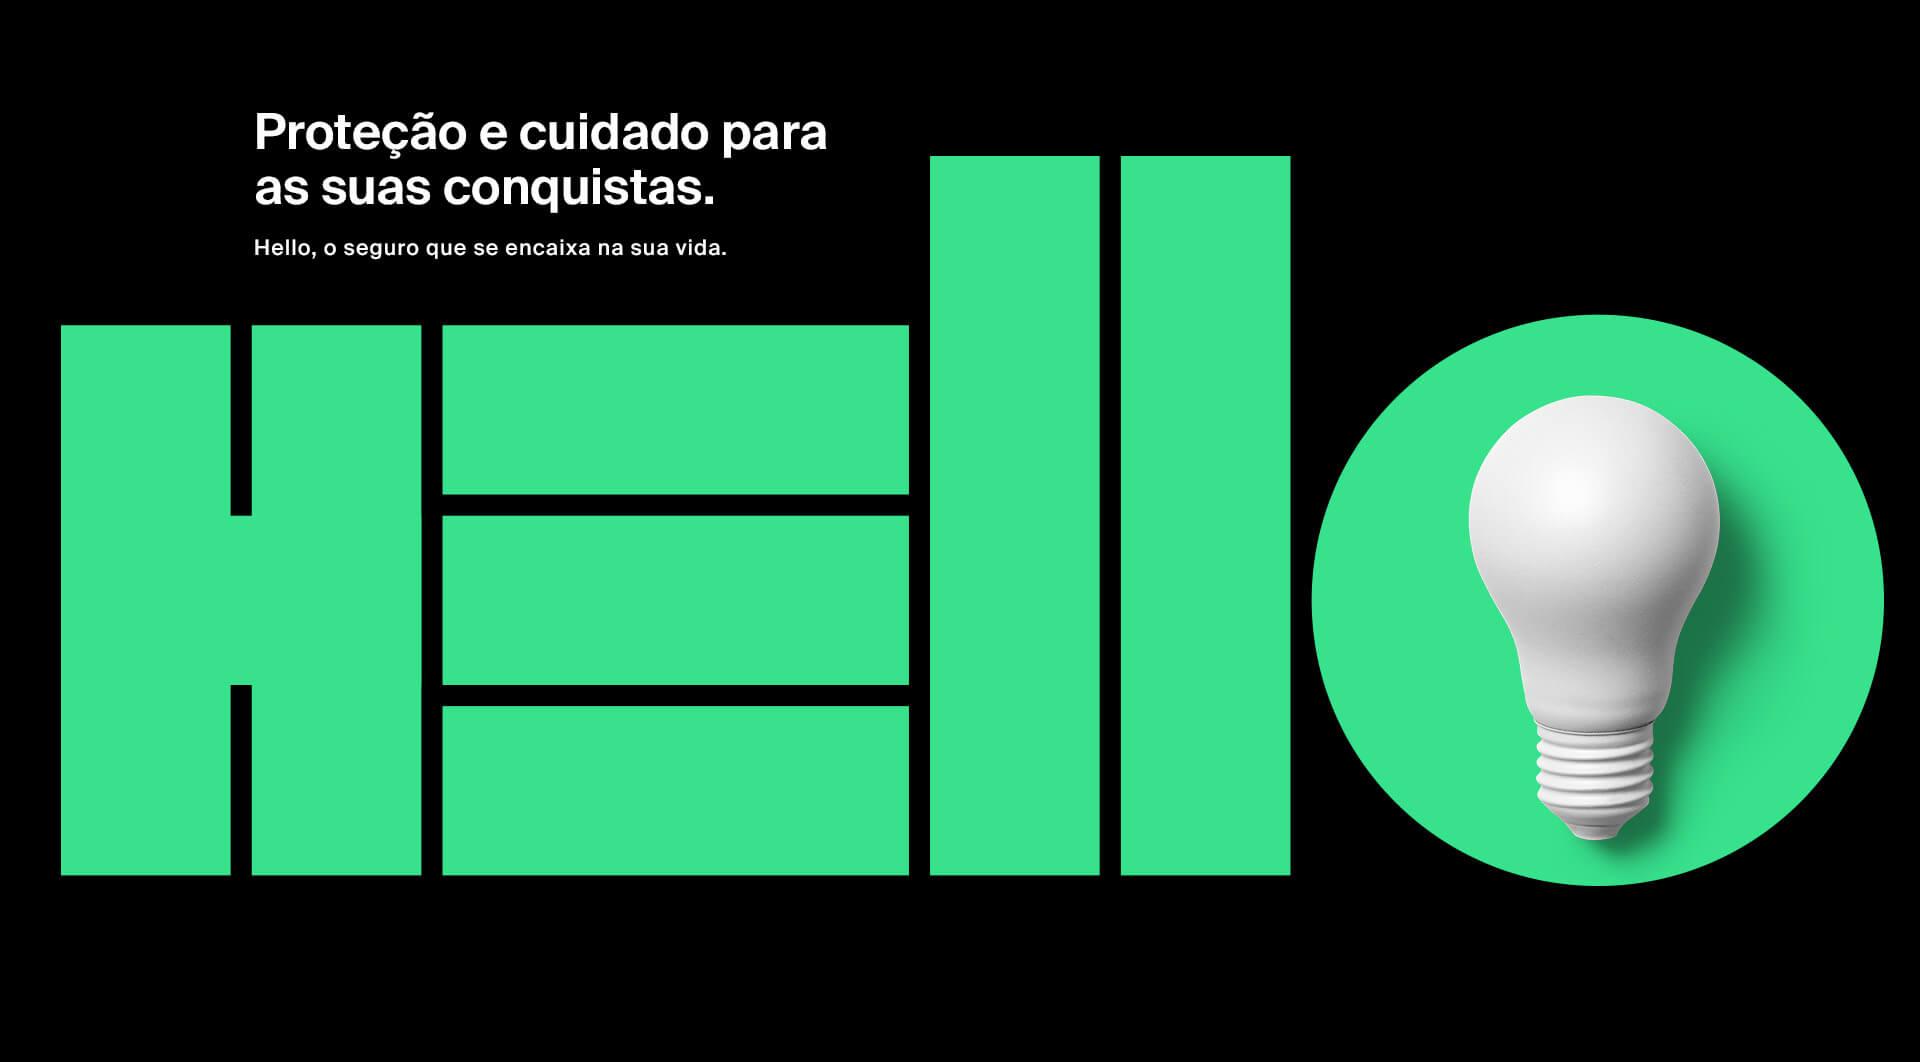 firmorama_hello-seguros_05-2